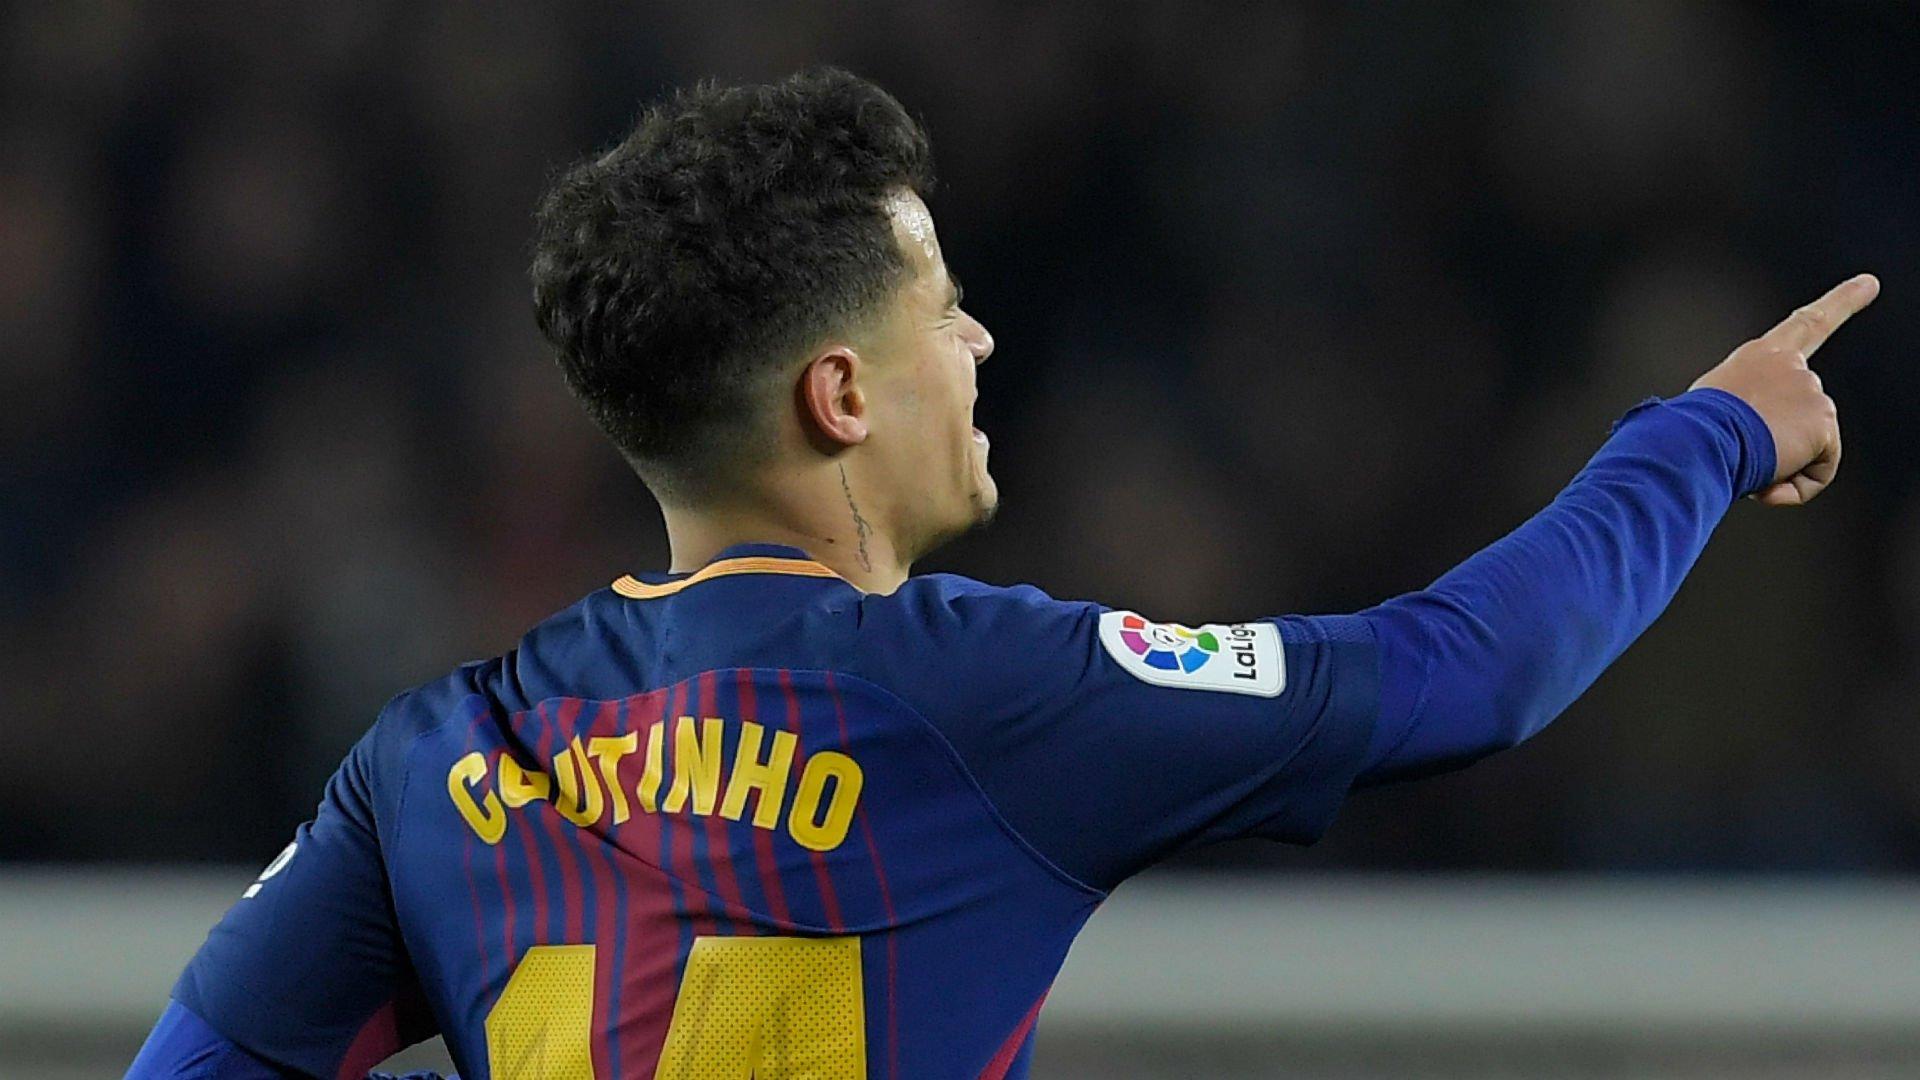 هدف برشلونة الخامس في مرمى جيرونا